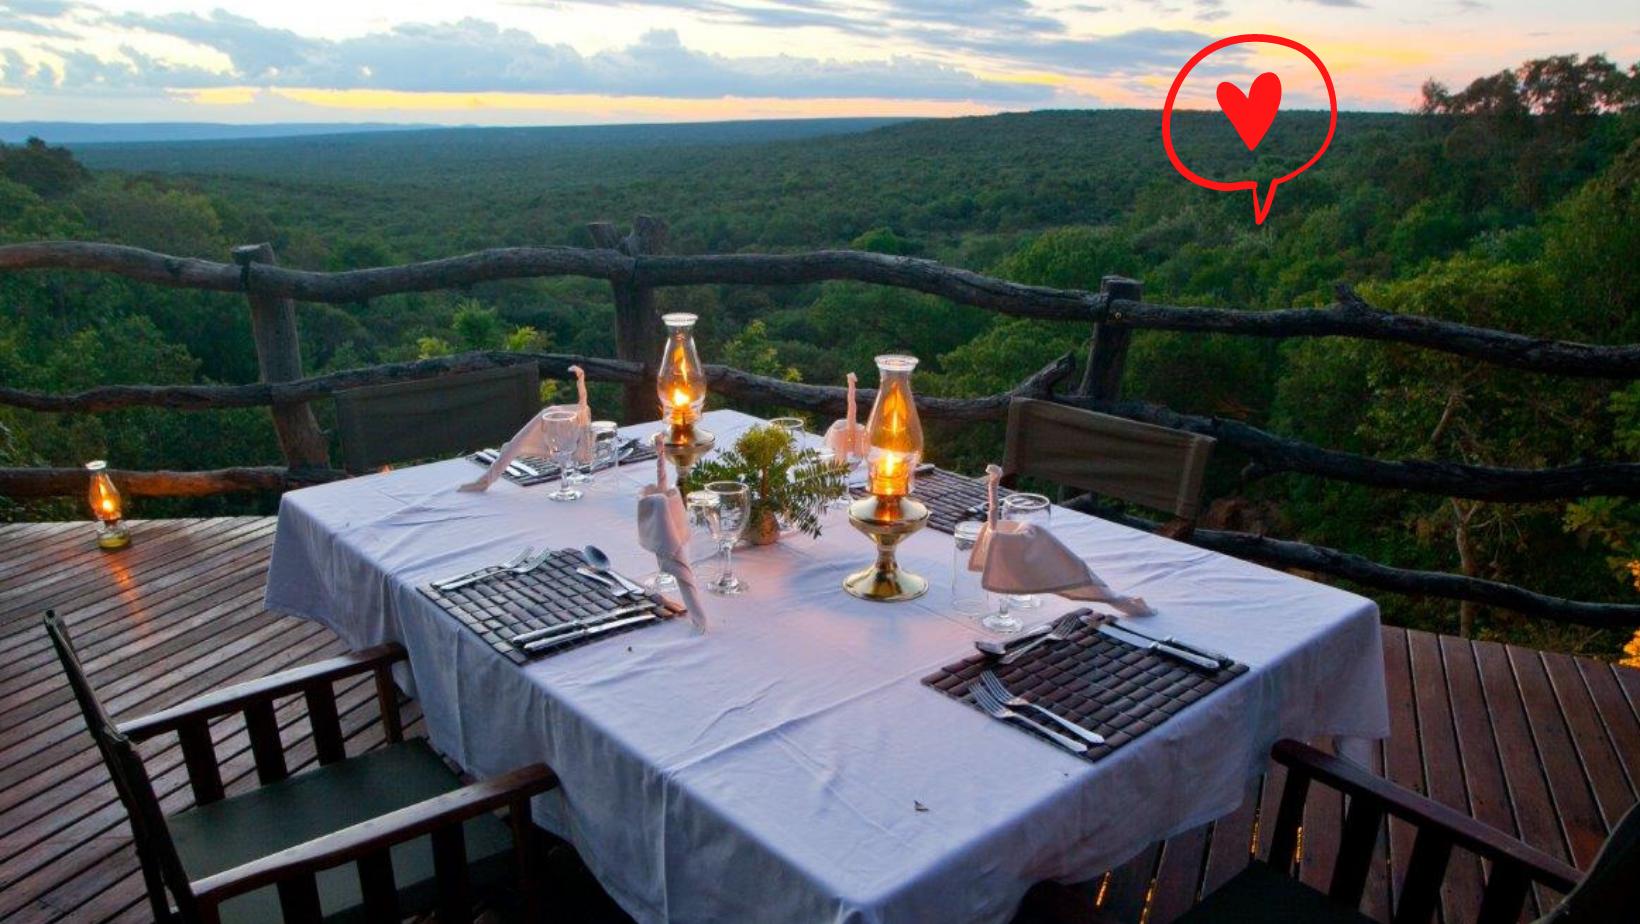 Valentines Day Specials – #LocalisLekker Couples Getaways